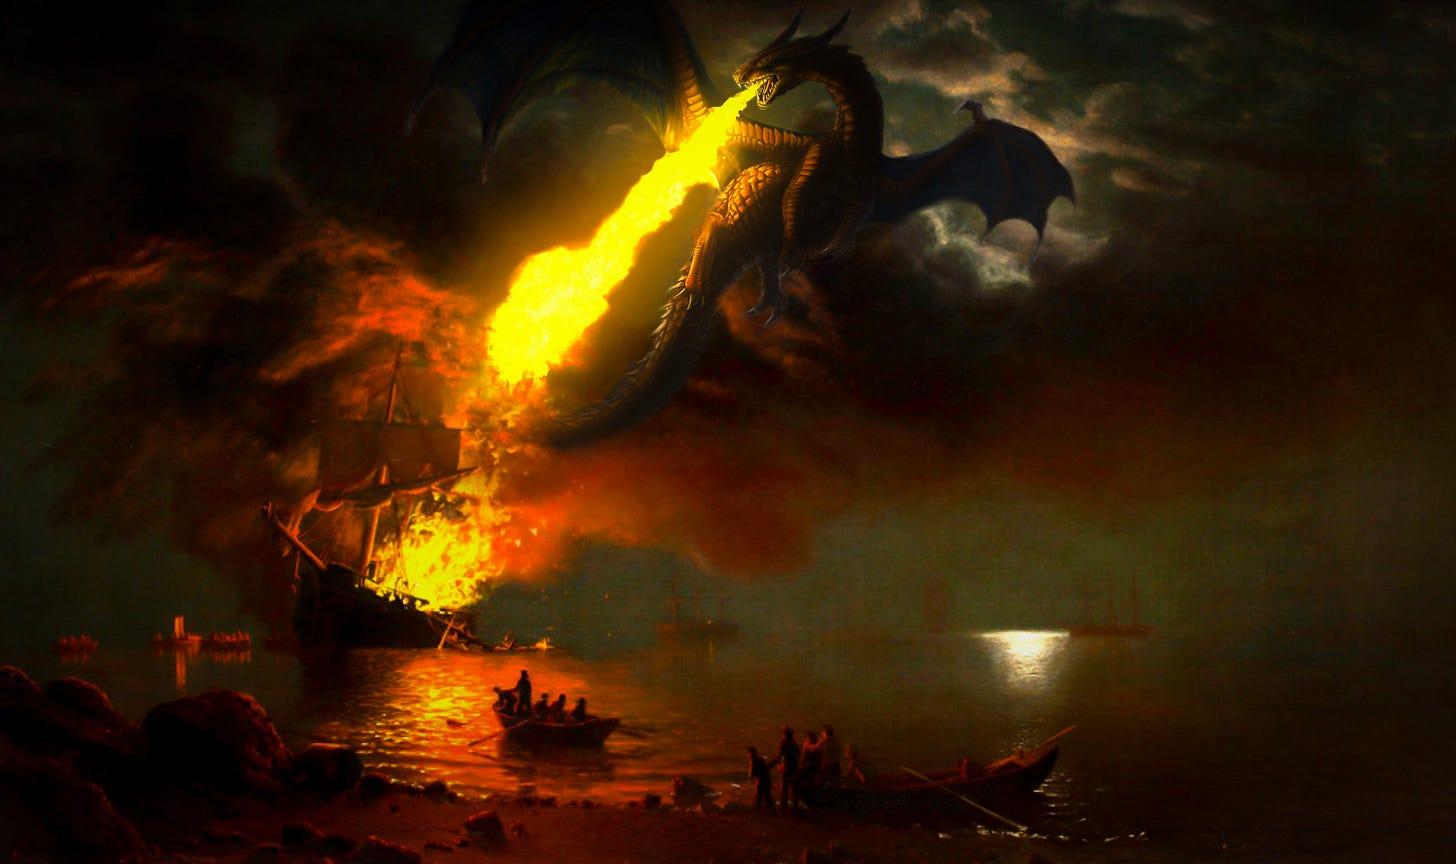 dragon burning ship